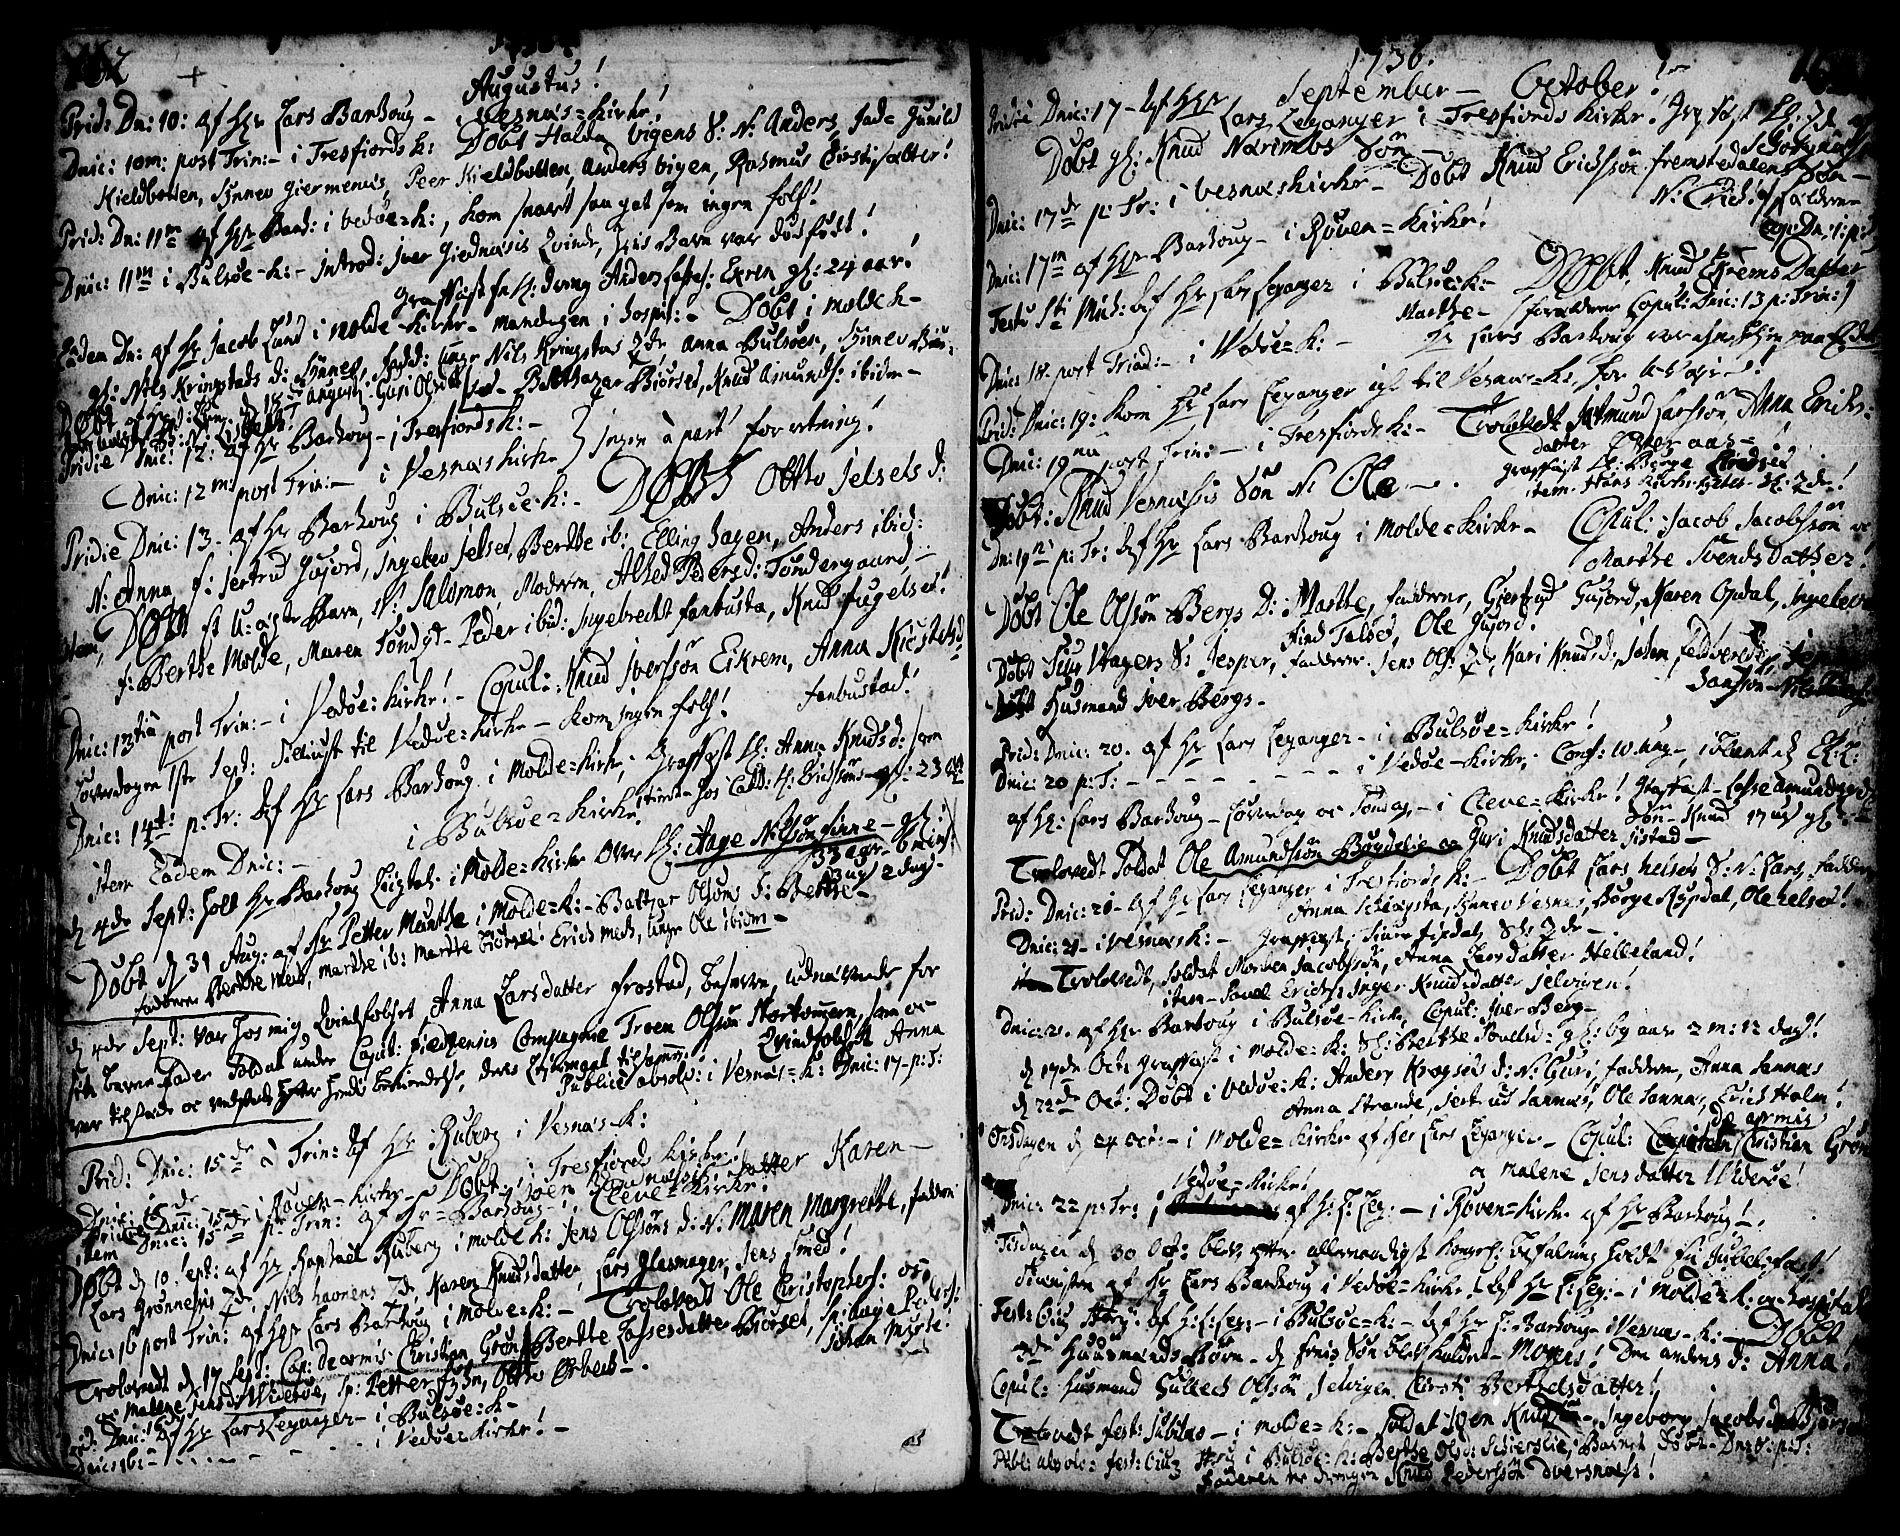 SAT, Ministerialprotokoller, klokkerbøker og fødselsregistre - Møre og Romsdal, 547/L0599: Ministerialbok nr. 547A01, 1721-1764, s. 164-165